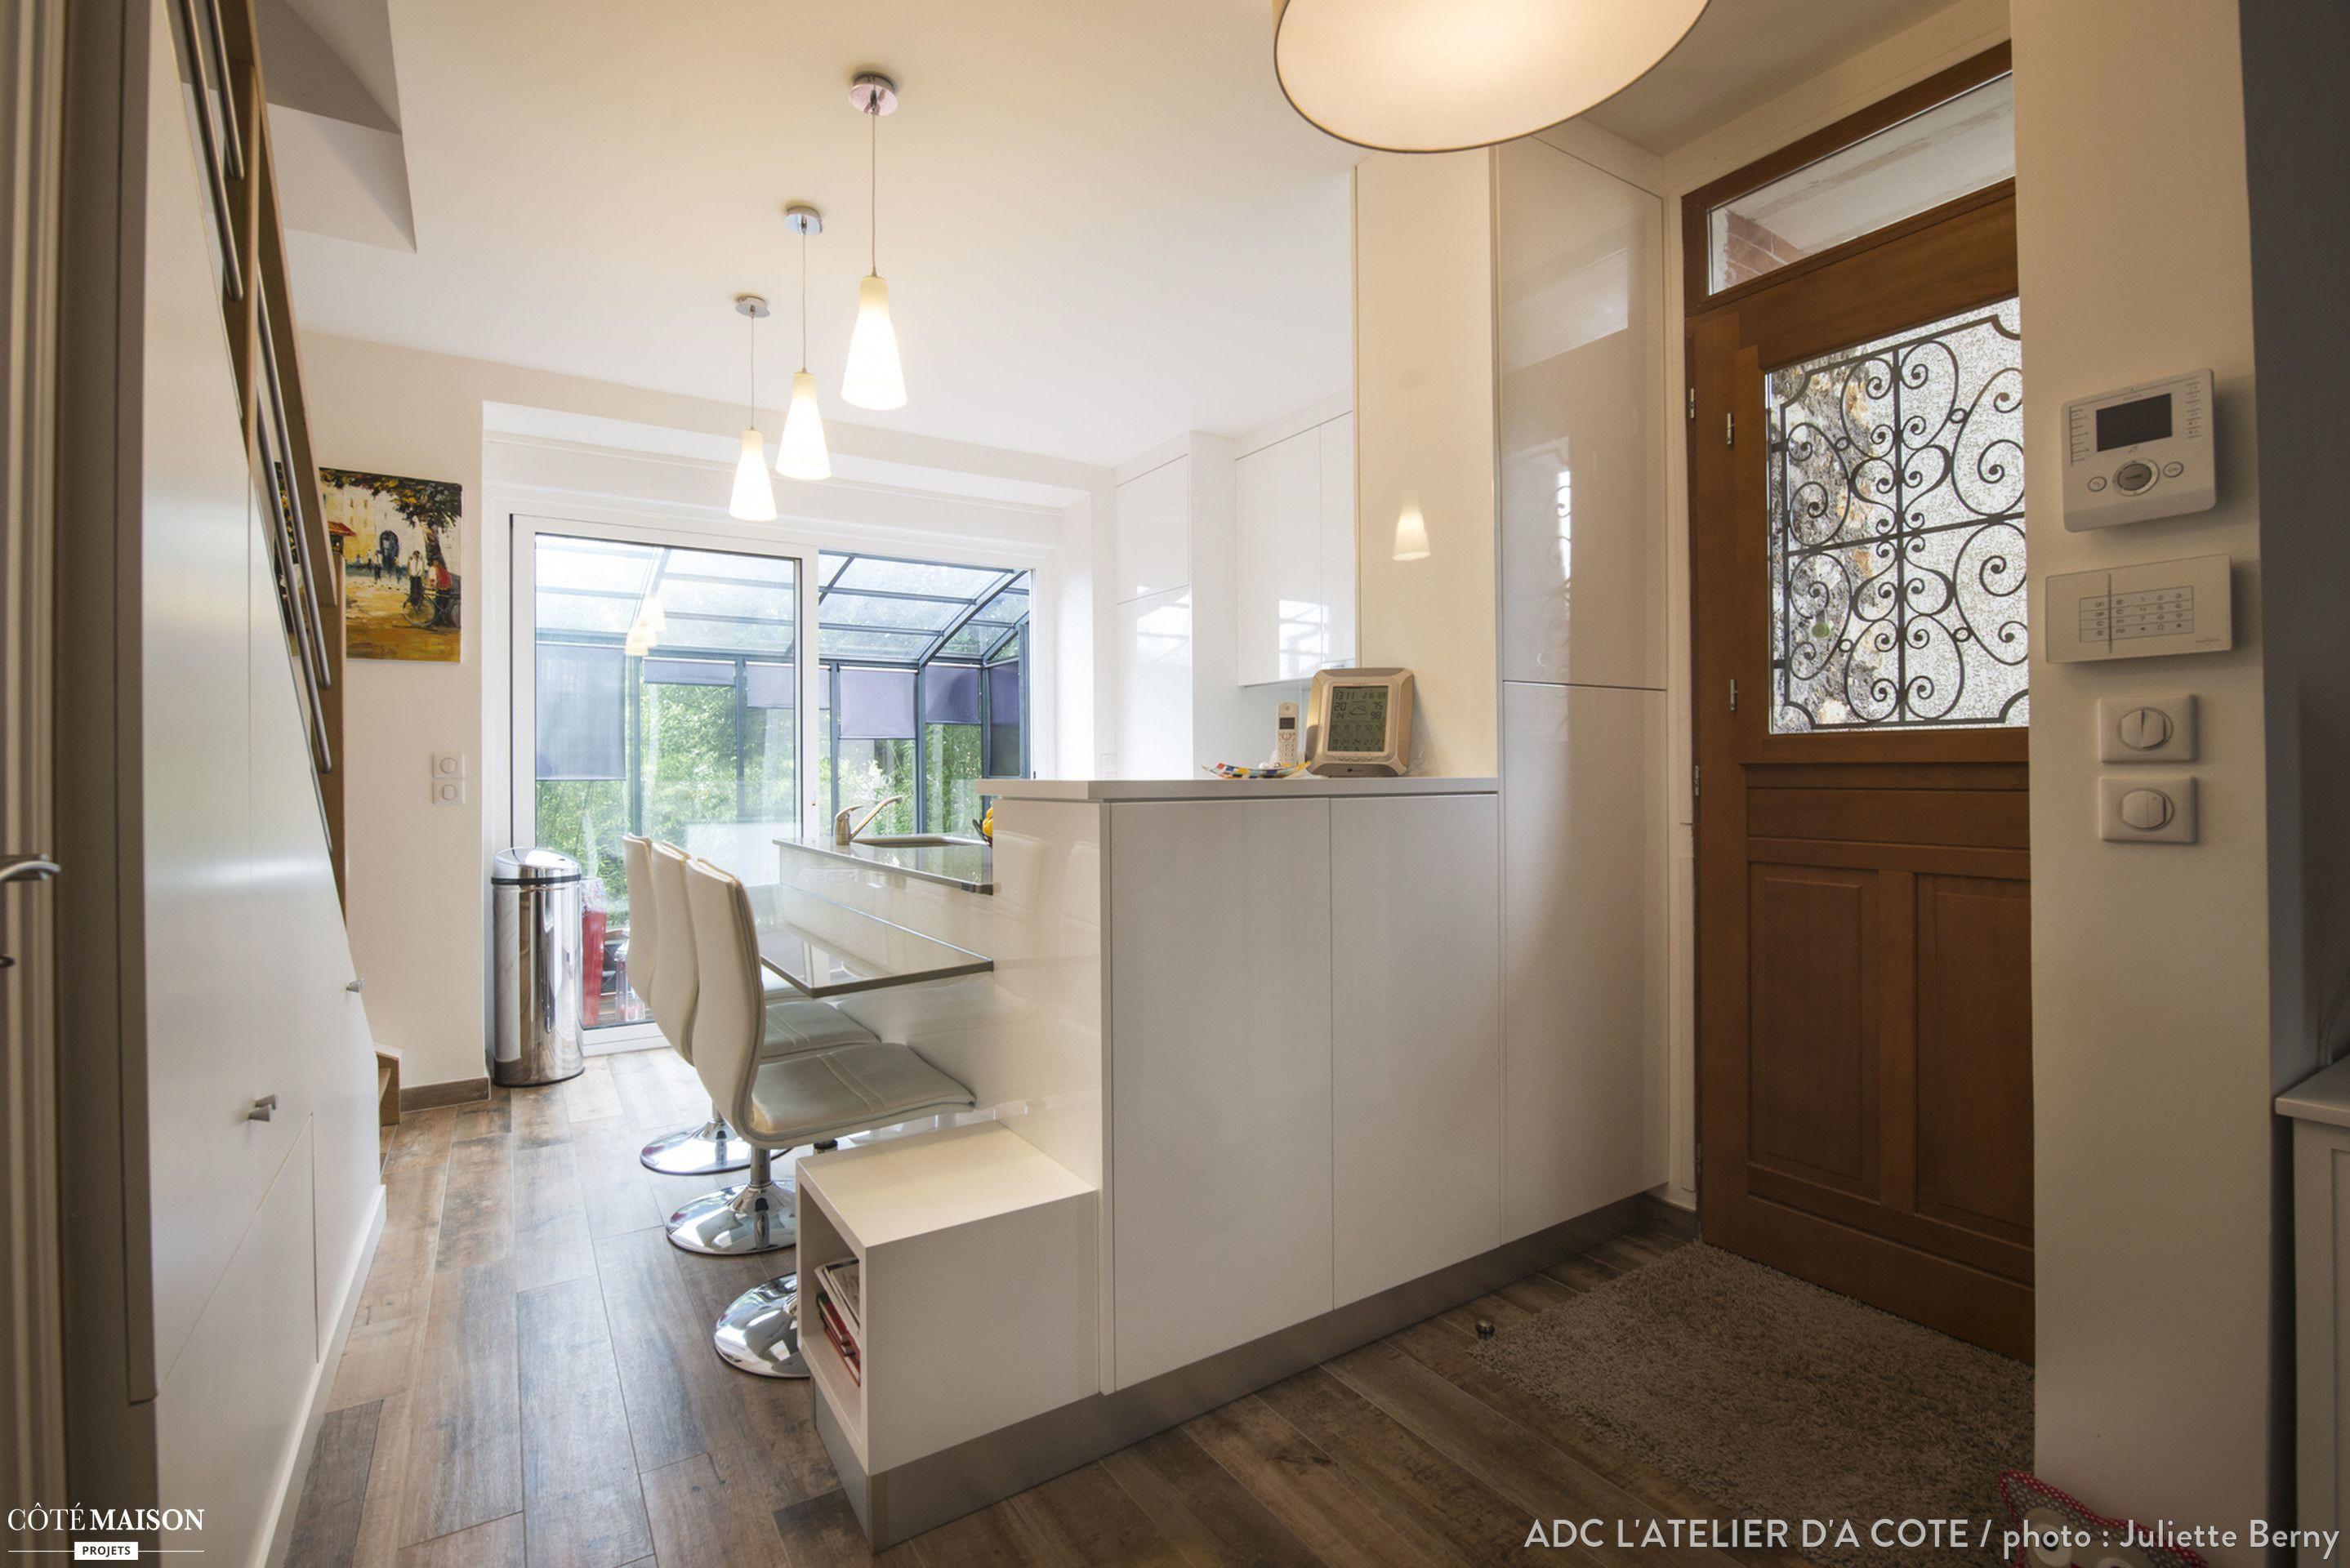 Une Petite Maison En Meuliere De 30m Au Sol Sur Cinq Niveaux Adc L Atelier D A Cote Cote Maison Bricolagemaison Renovation Maison Maison Petite Maison